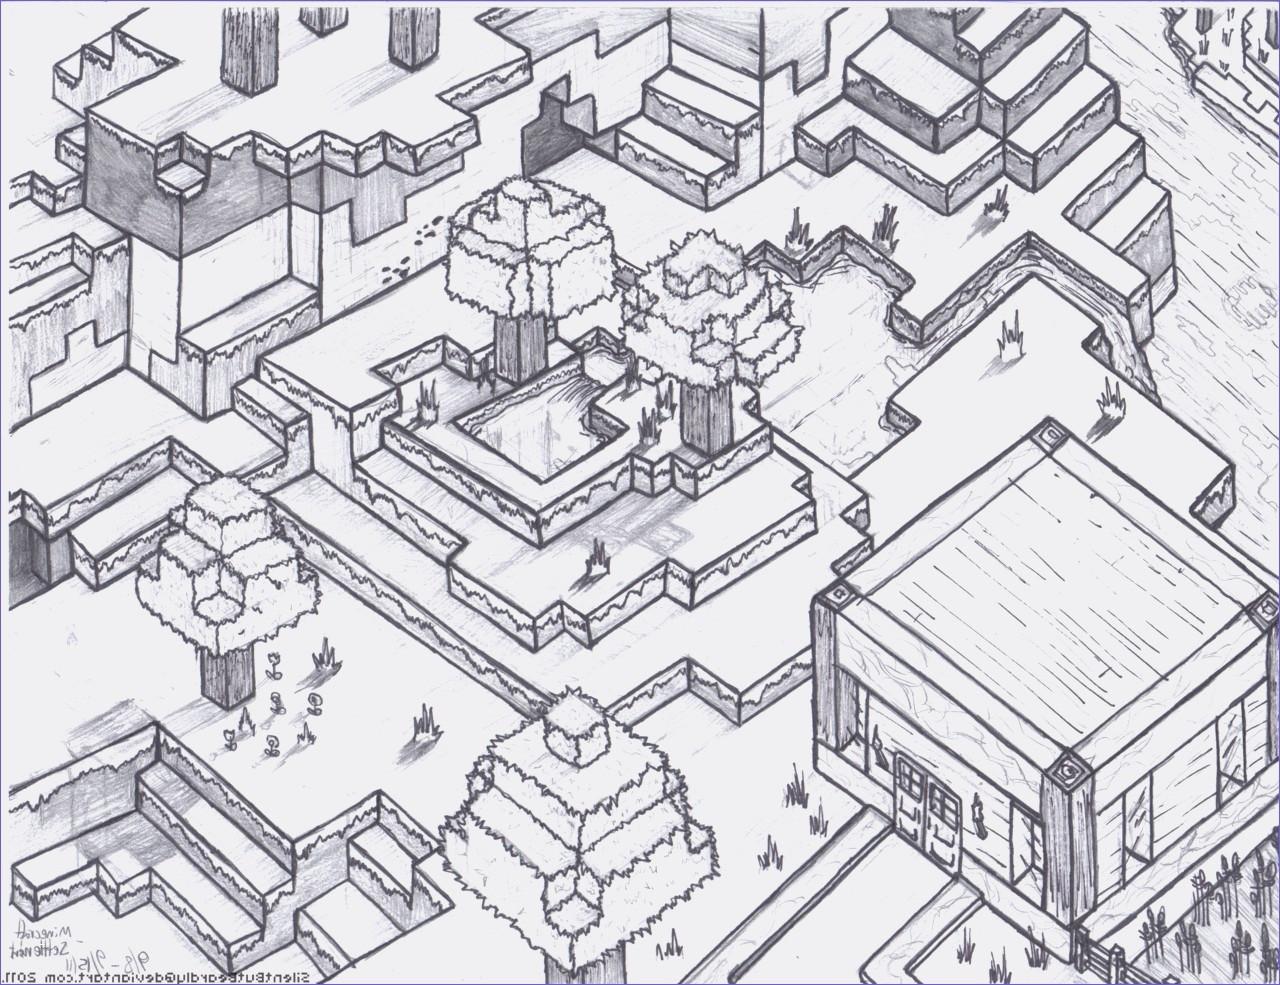 Ausmalbilder Von Minecraft Neu Bilder Zum Ausmalen Bekommen Splatoon Ausmalbilder Fotografieren